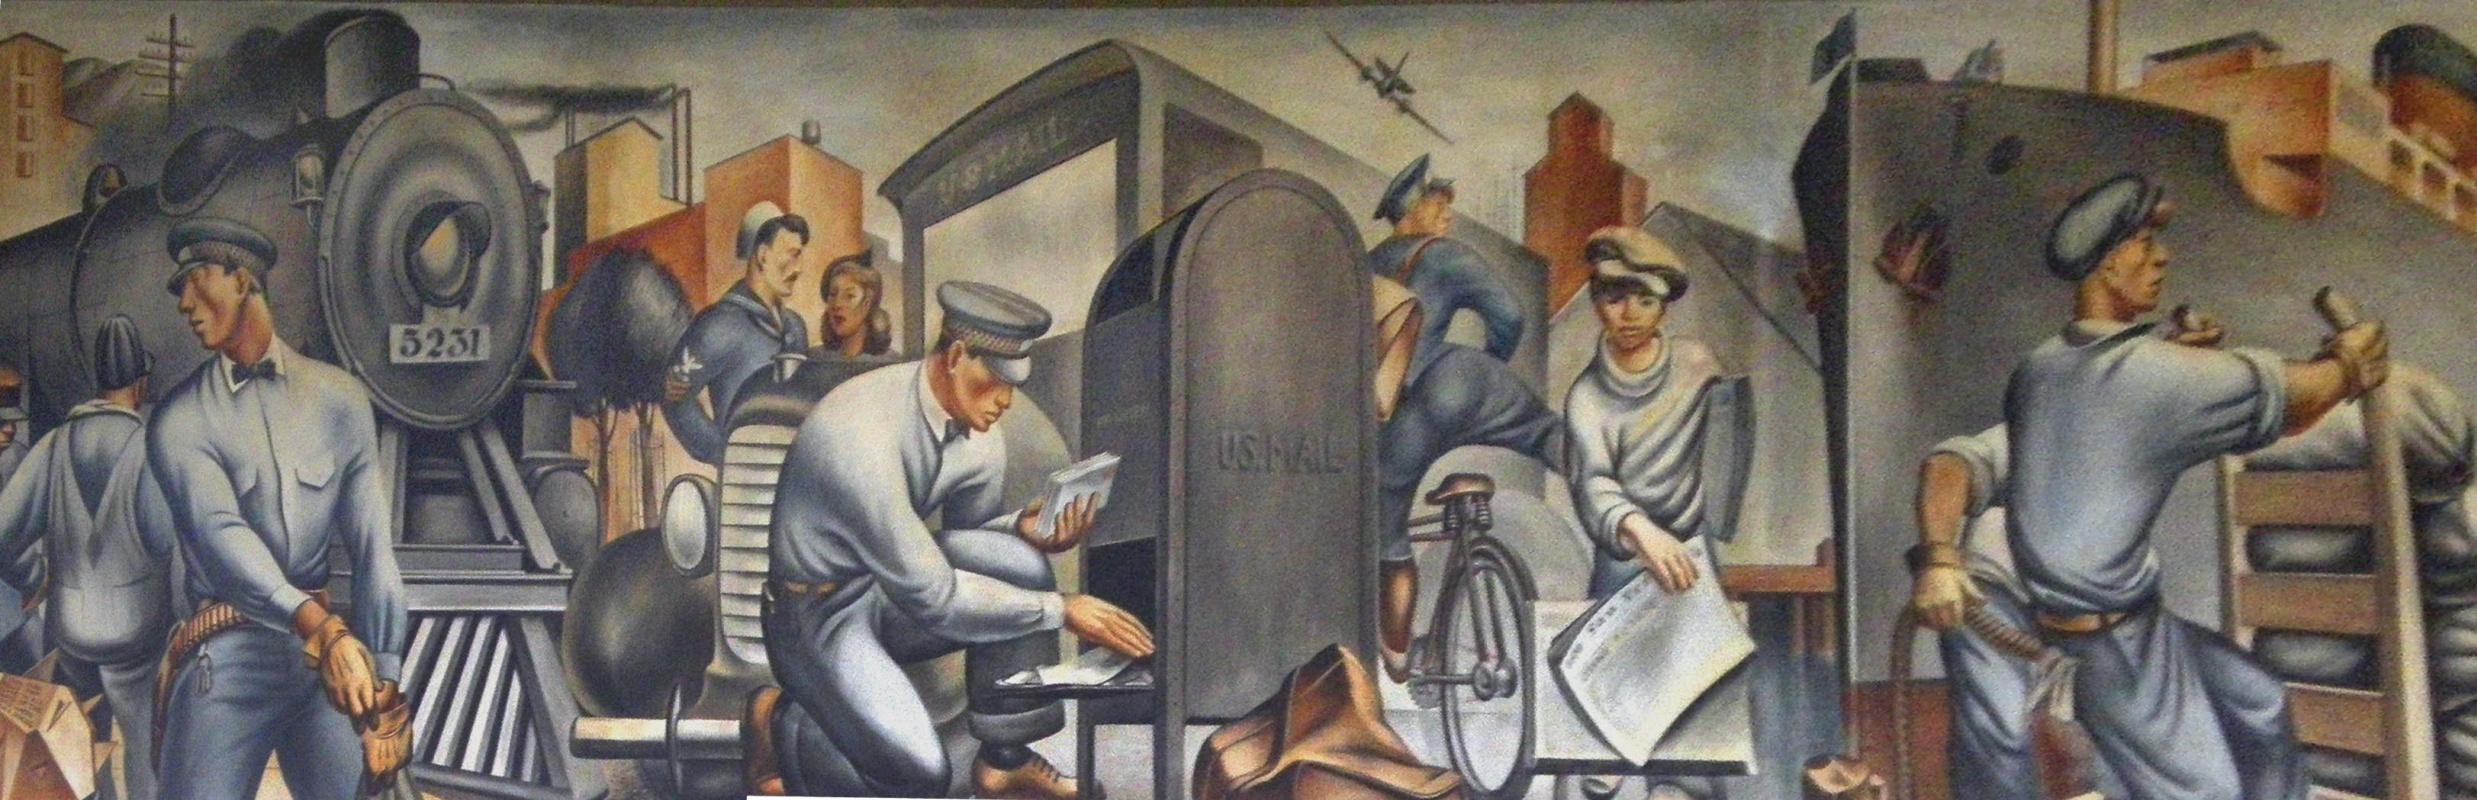 Флетчер Мартин, фреска «Перевозка почты» (1938) в почтовом отделении Сан-Педро, Калифорния